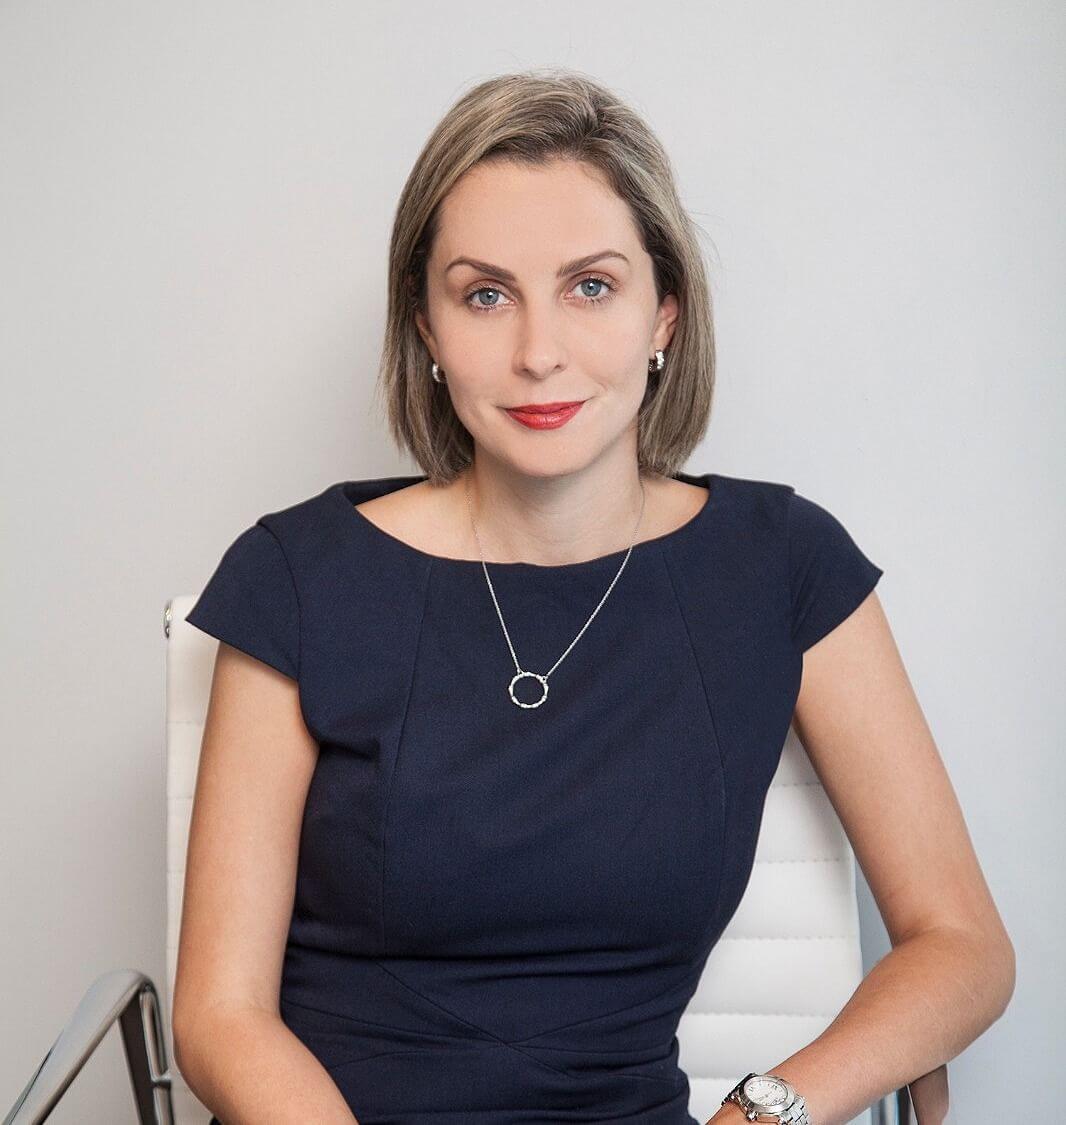 Zendi De Coning Cemoh Marketing Consultant